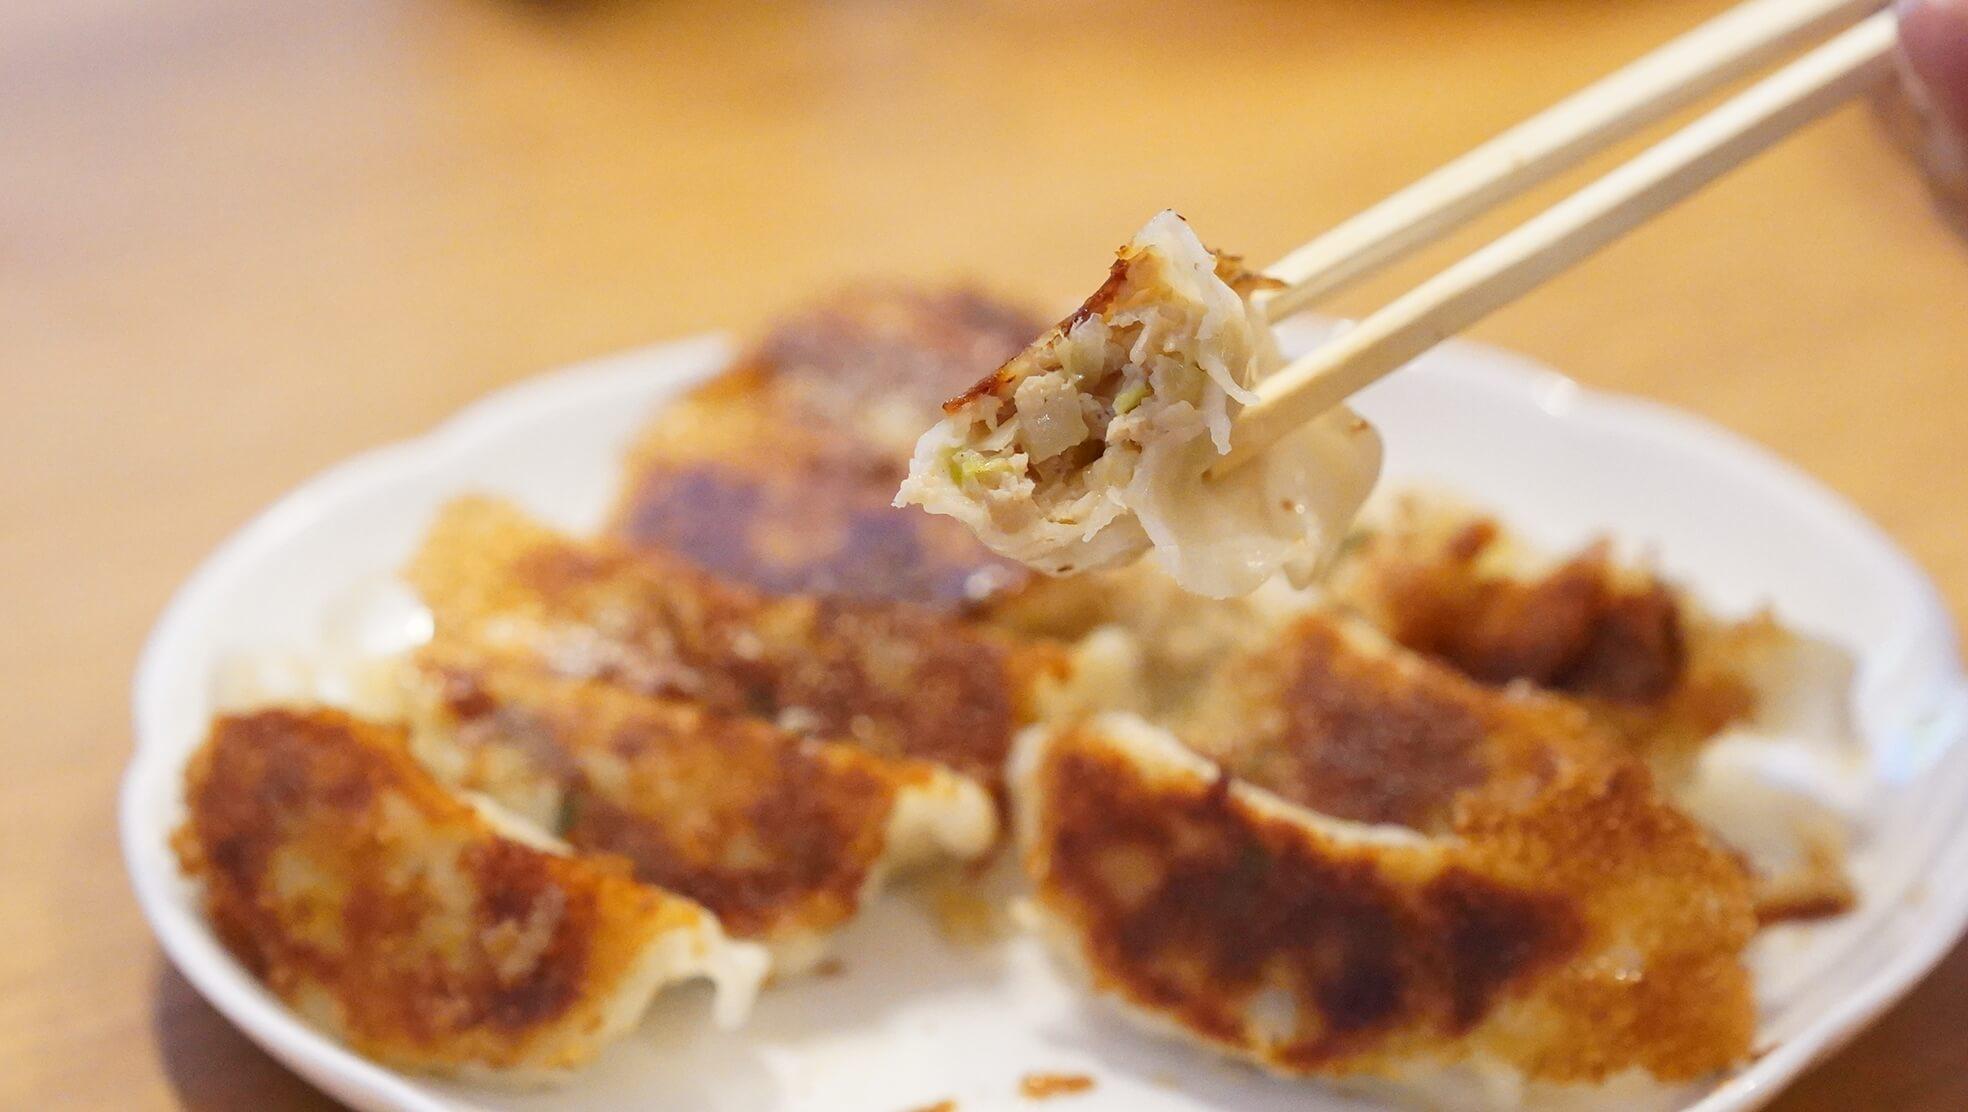 味の素の冷凍食品「生姜好きのためのギョーザ」の断面の写真